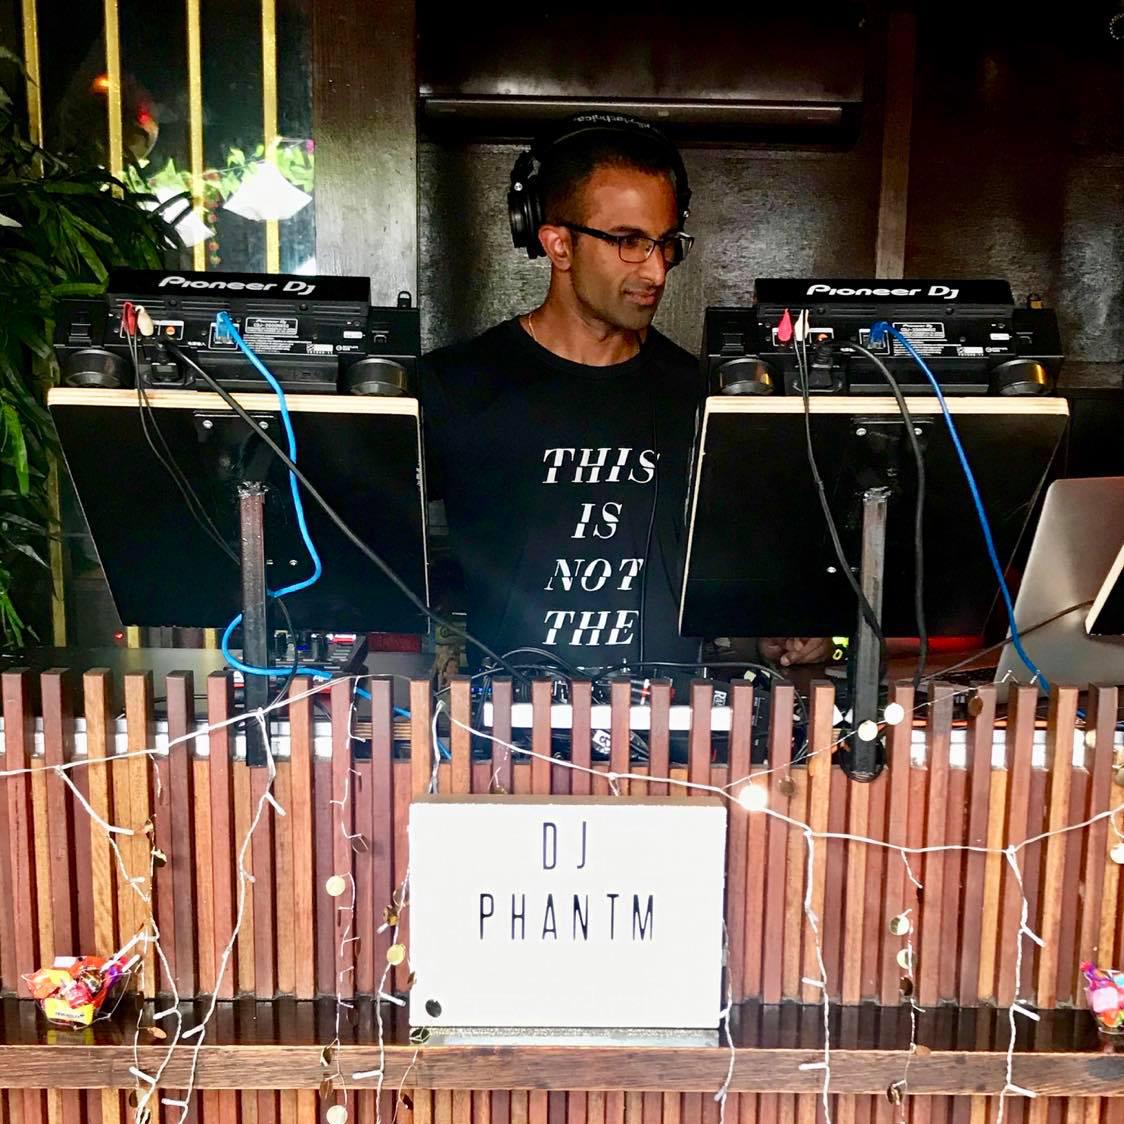 DJ PHANTM